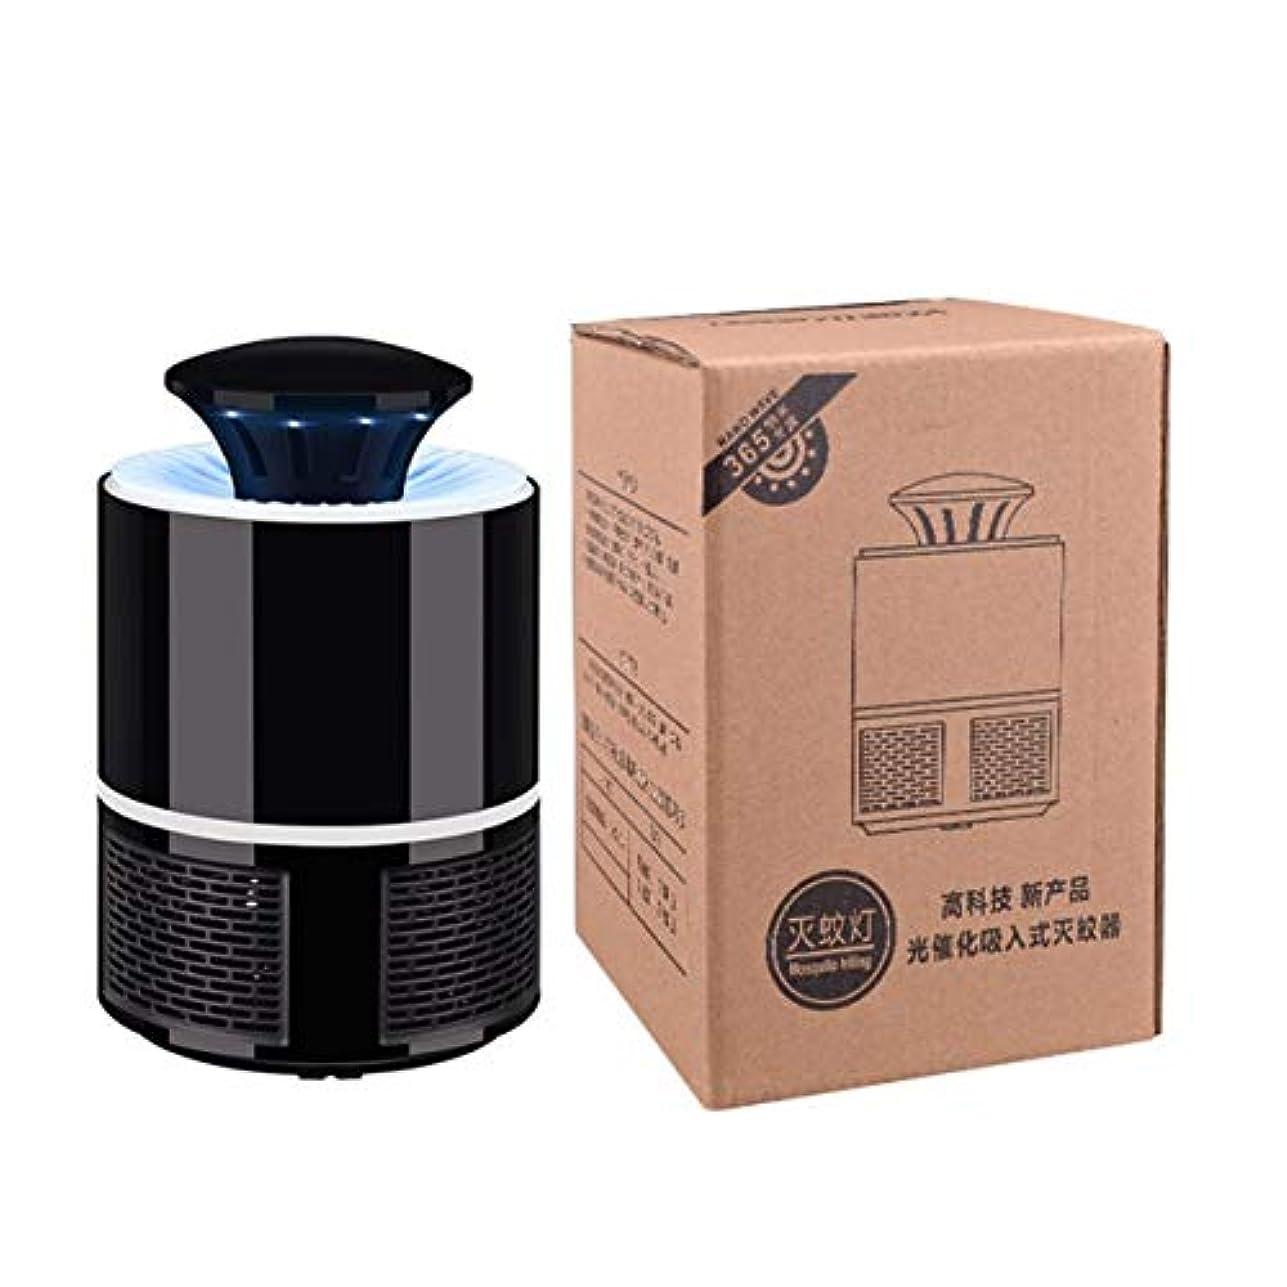 マイクセメント味わうSaikogoods 吸引ファンを備えた電子モスキートキラー 光触媒の光 バグ昆虫キャッチャー USB電源 非放射線モスキートトラップ 黒